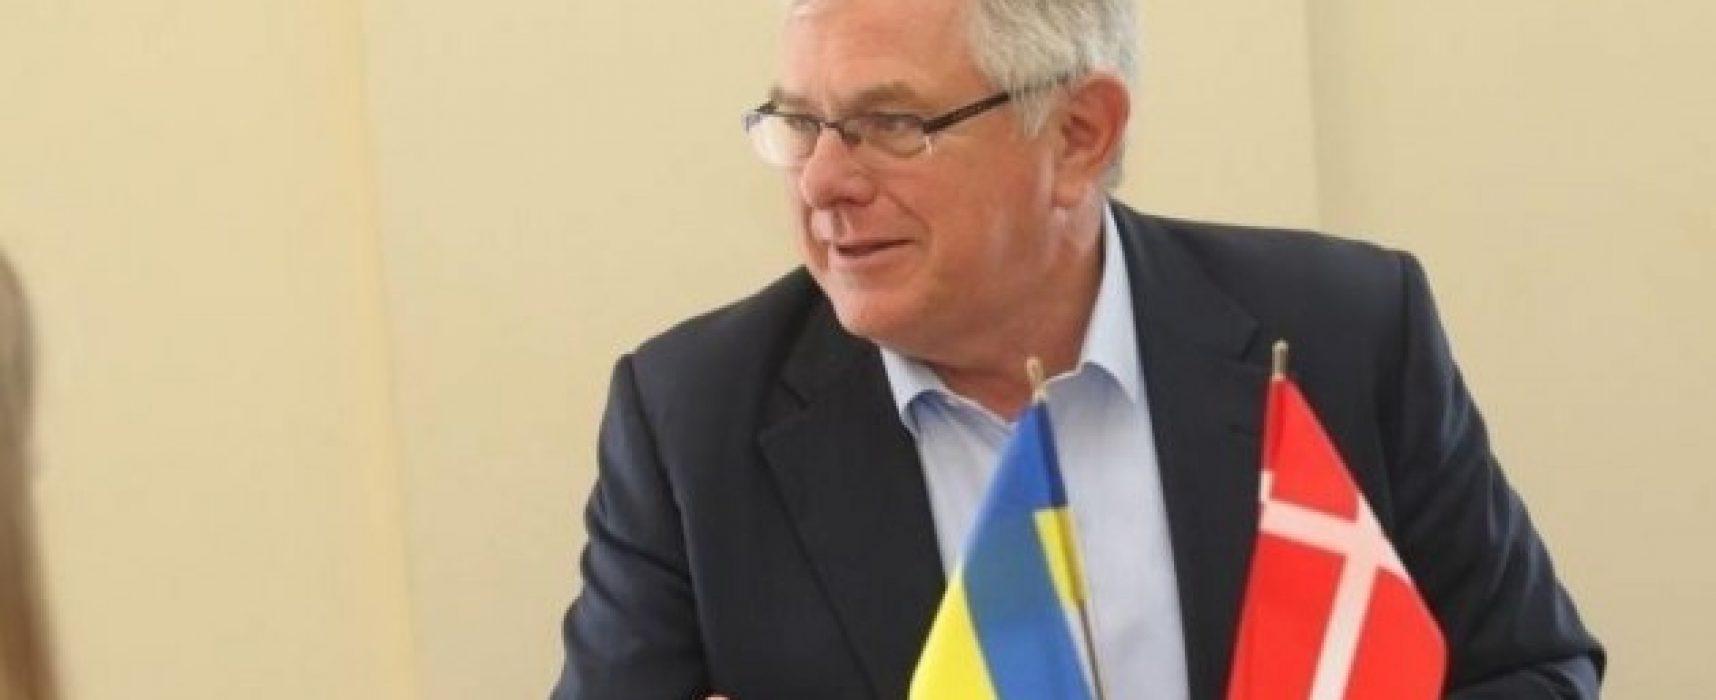 Embajador de Dinamarca en Ucrania: Las reformas exitosas son la mejor respuesta a la desinformación rusa